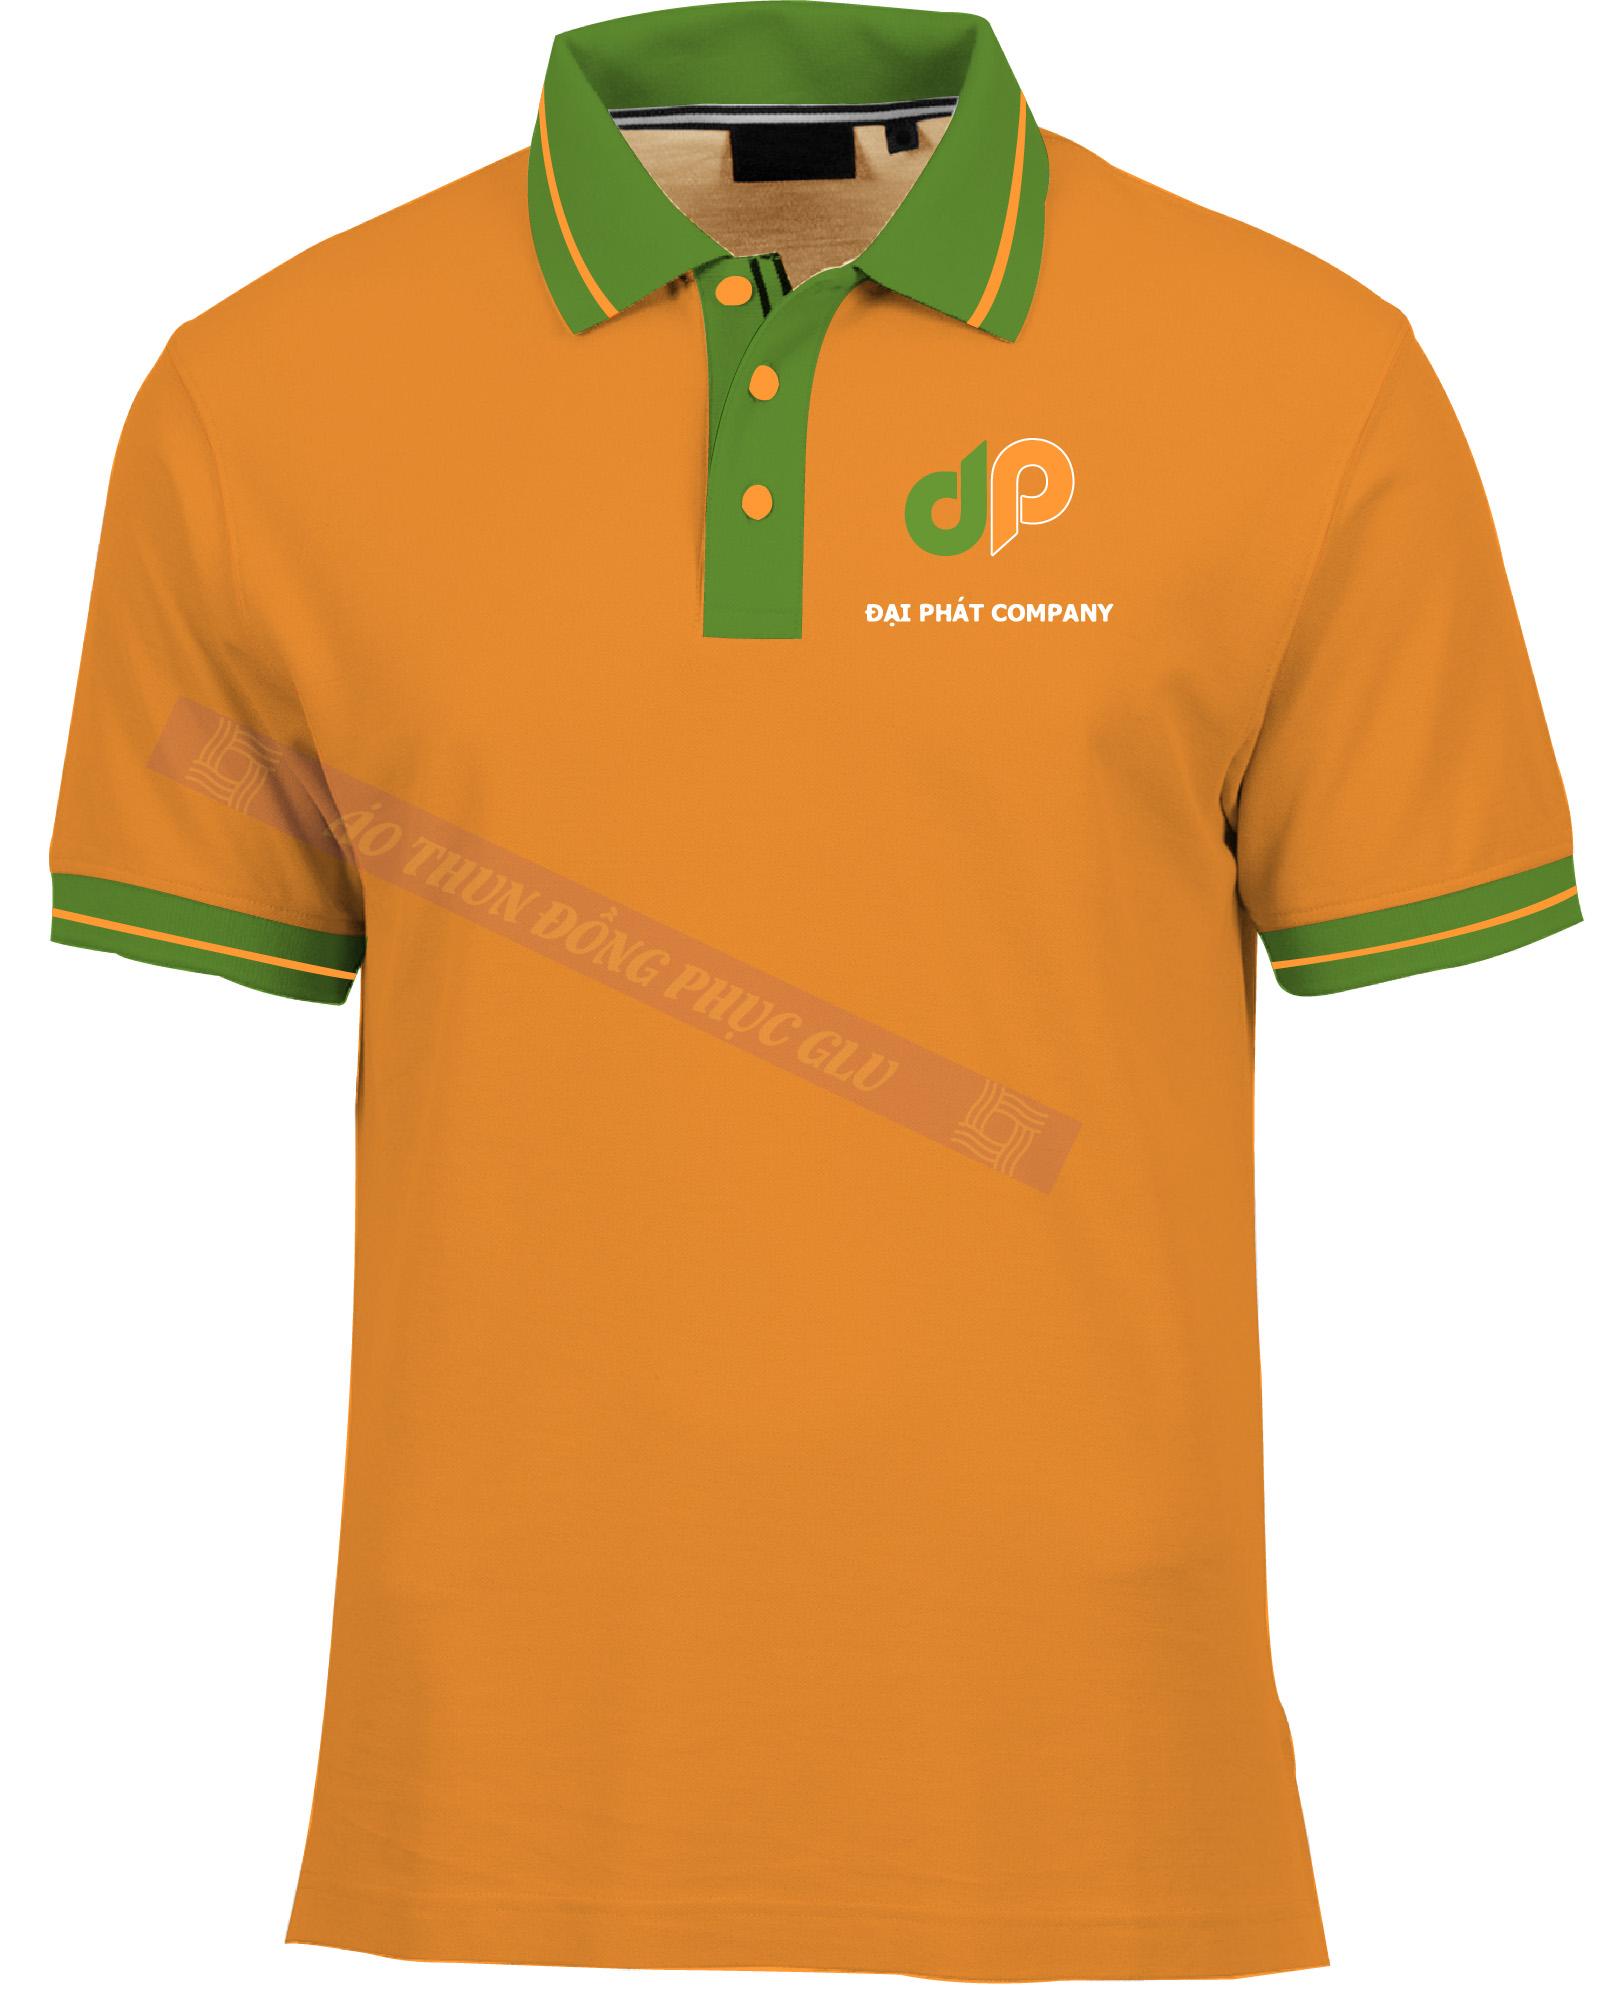 AO THUN DAI PHAT COMPANY AT323 áo thun đồng phục đẹp